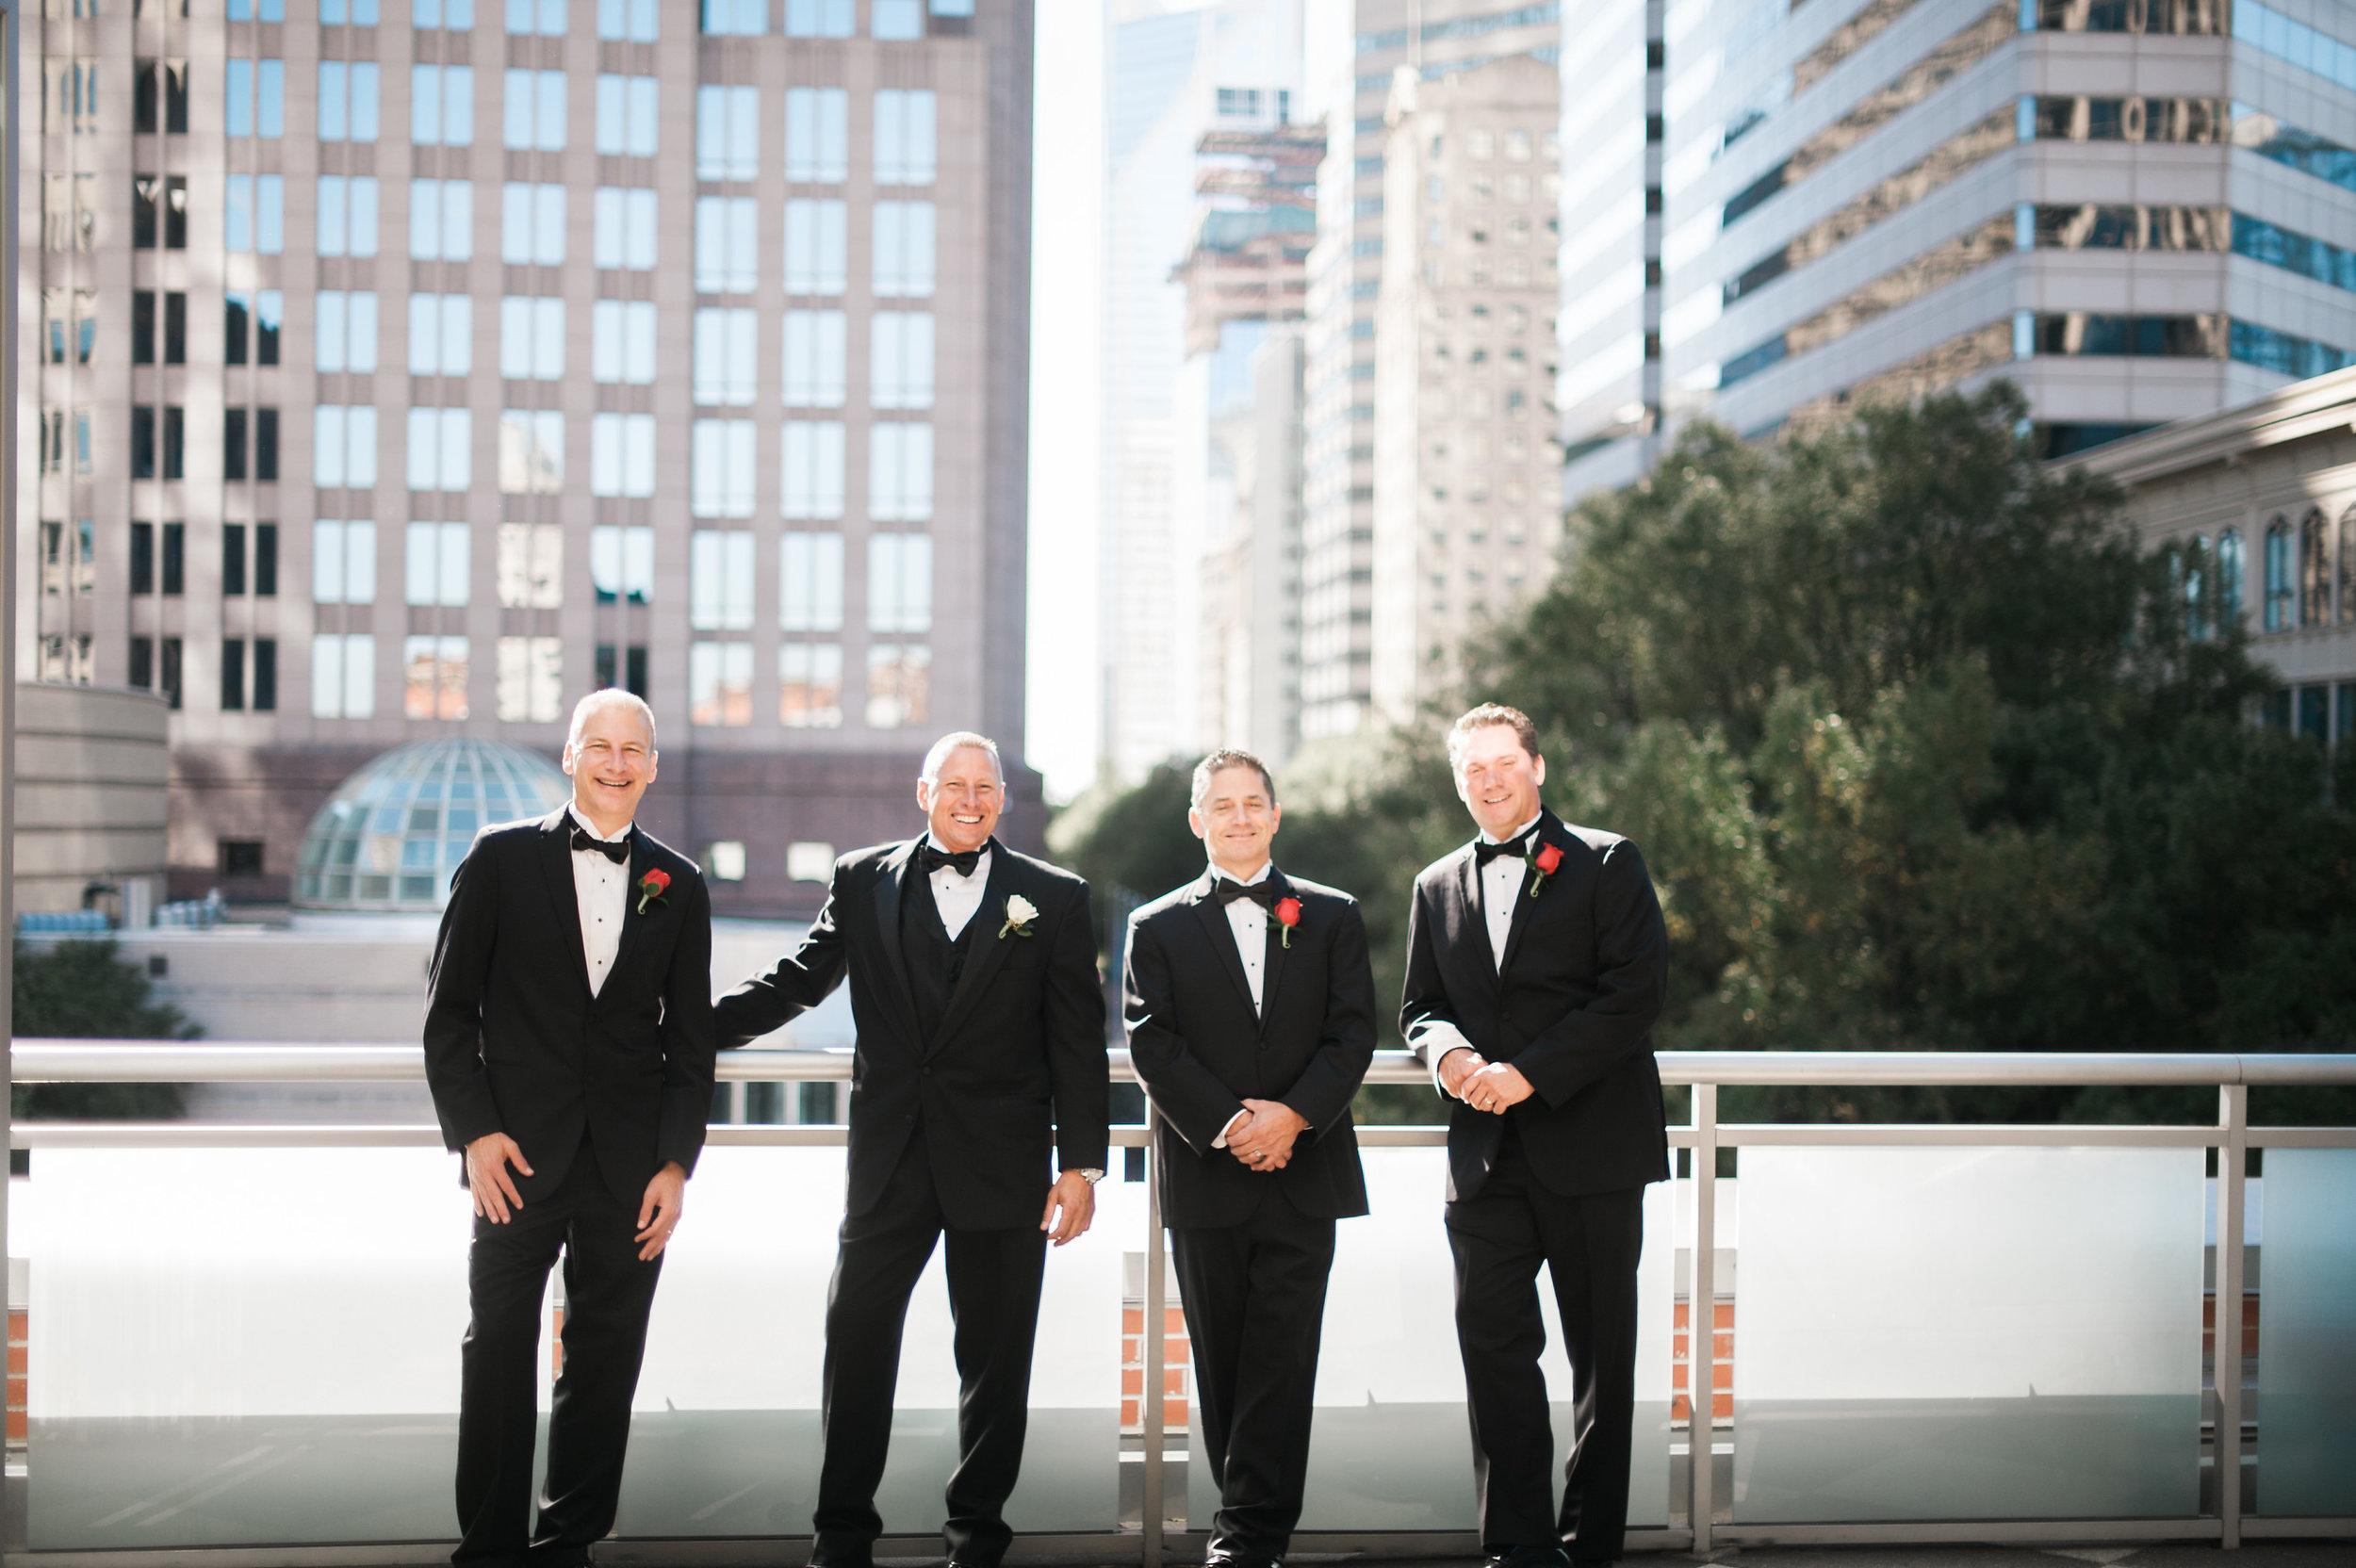 hoke-wedding-026-X5.jpg